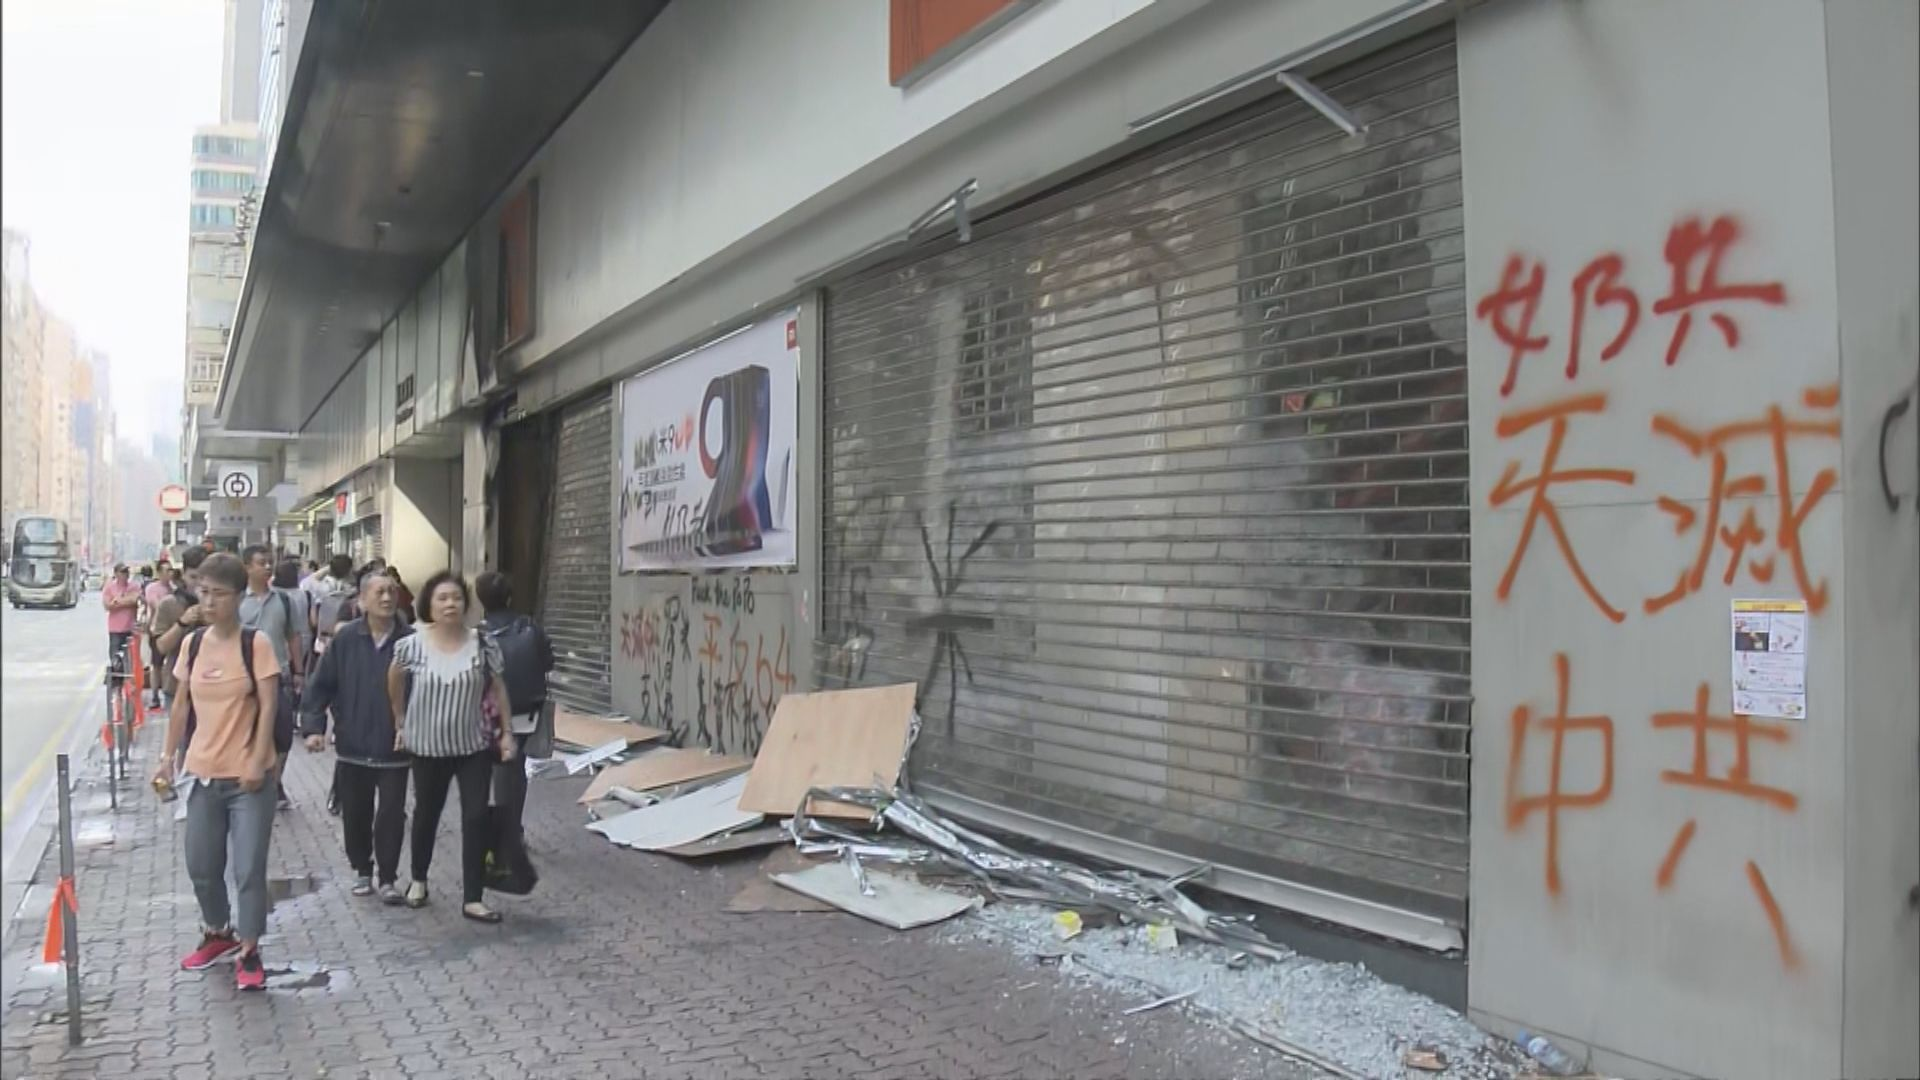 旺角多間商店被破壞 有待清理